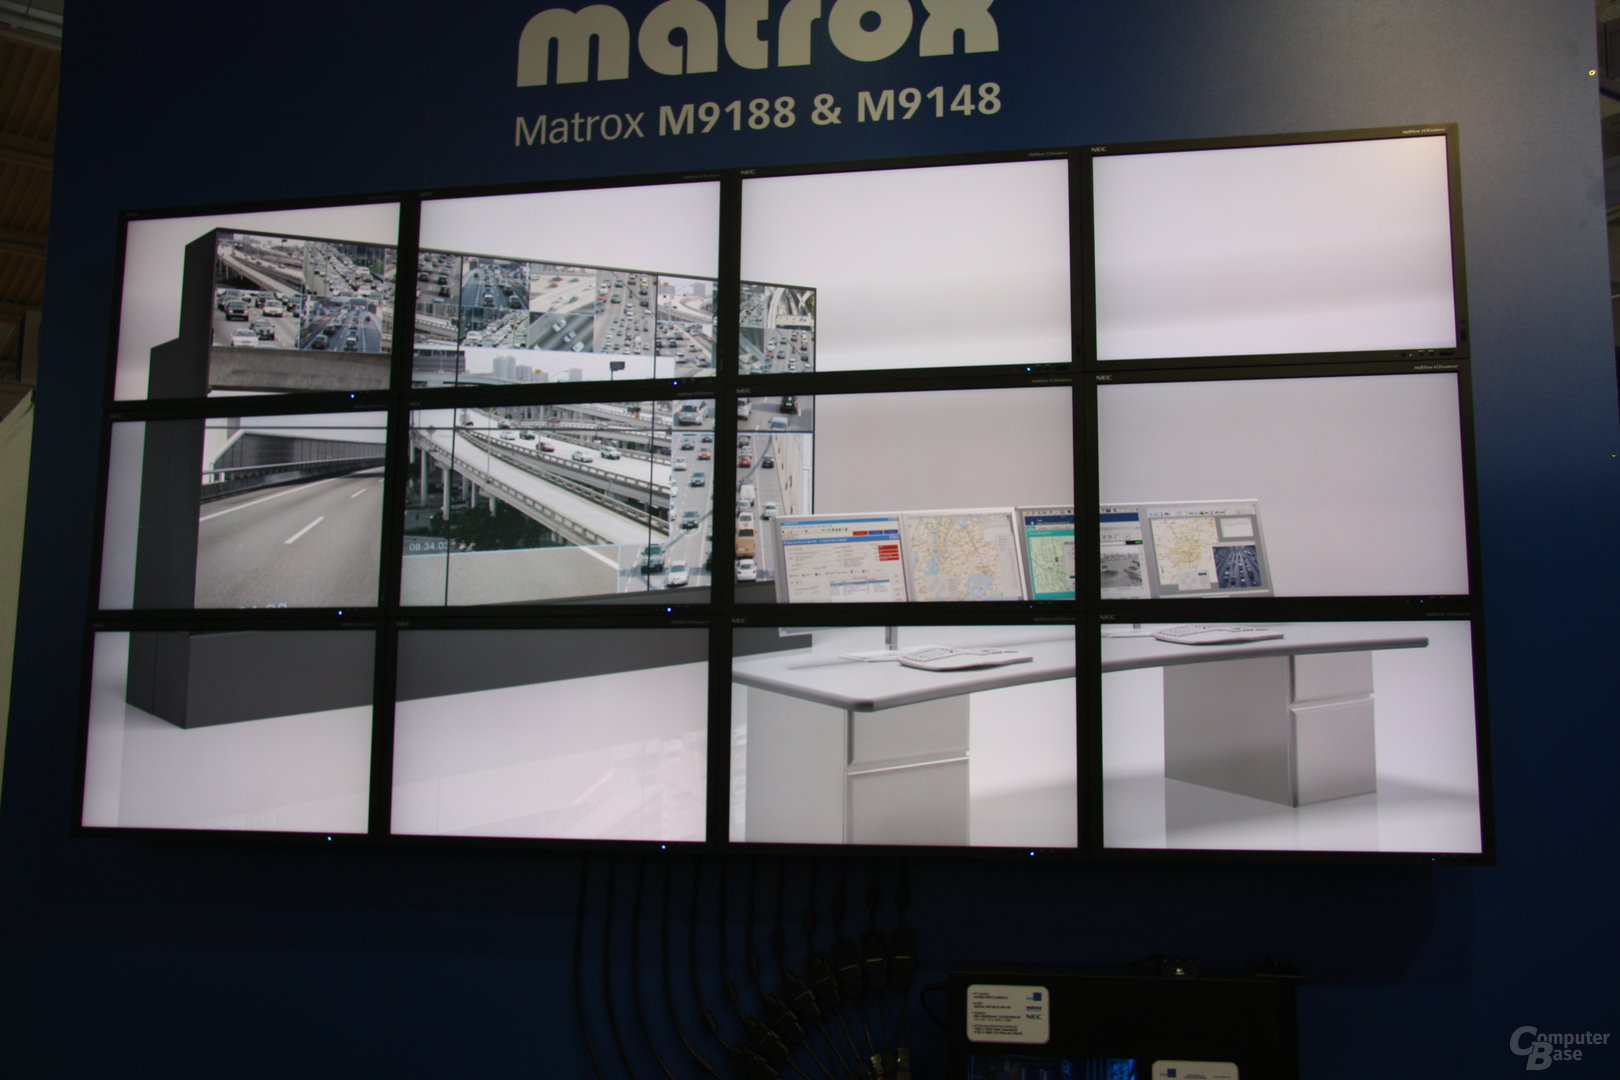 Matrox-Grafikkarten steuern 12 Monitore an